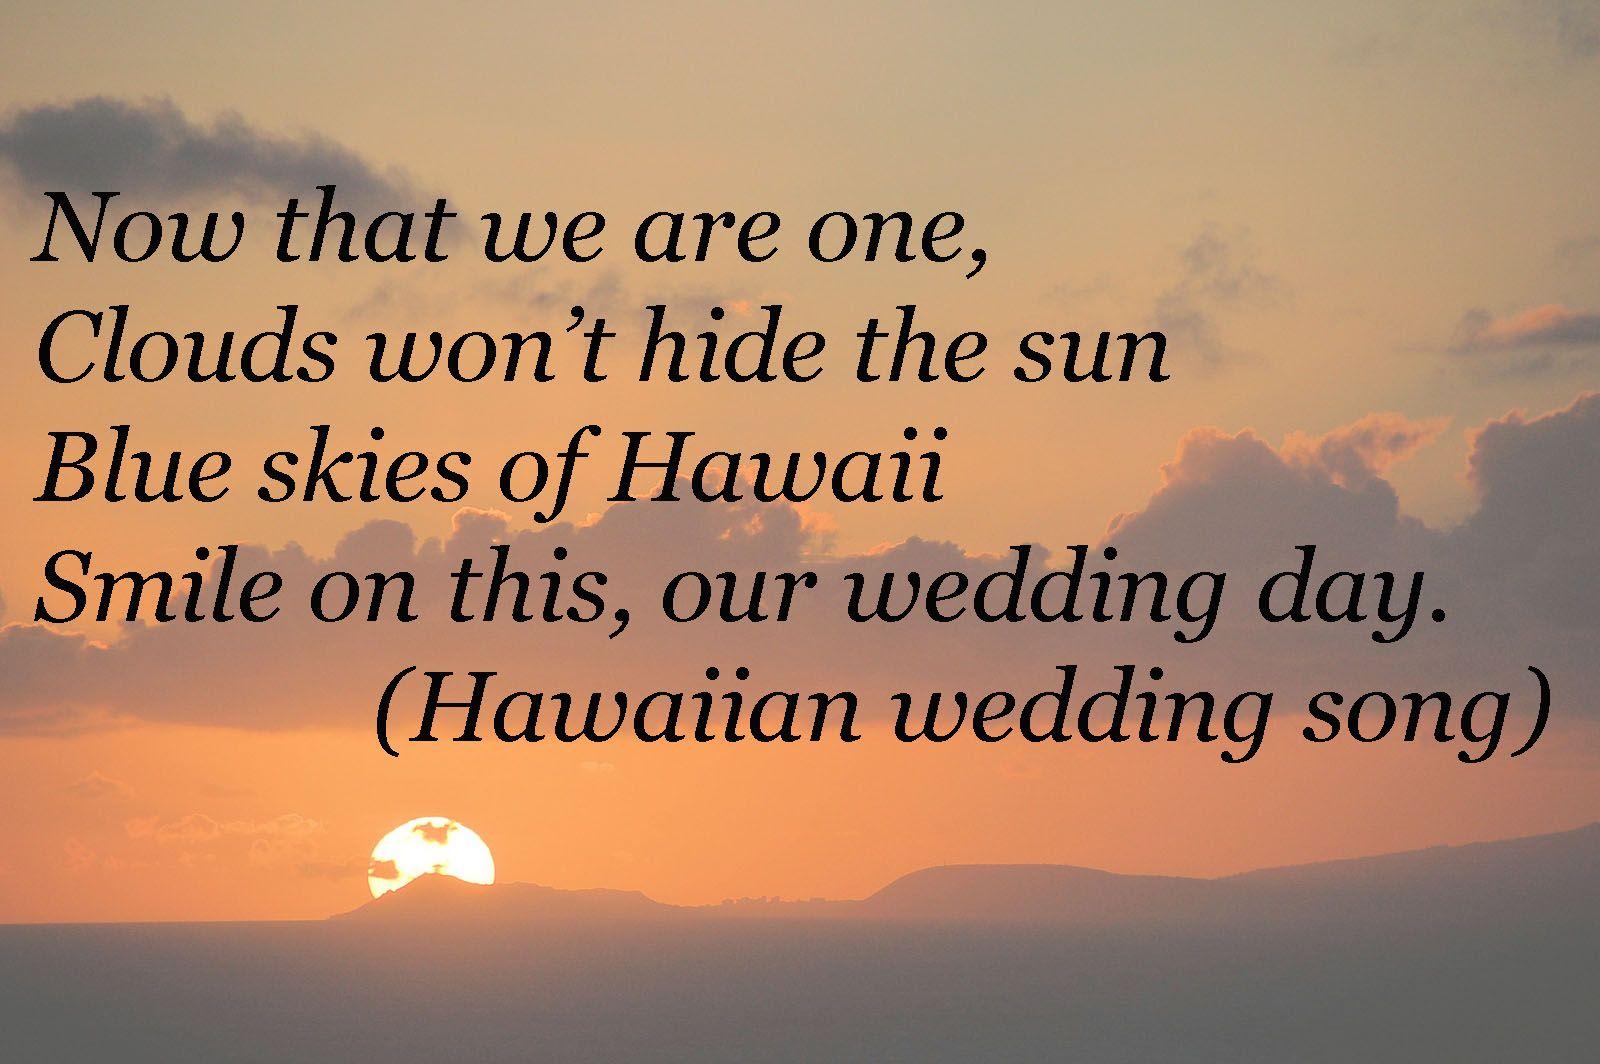 Hawaiian Wedding Song Quotes